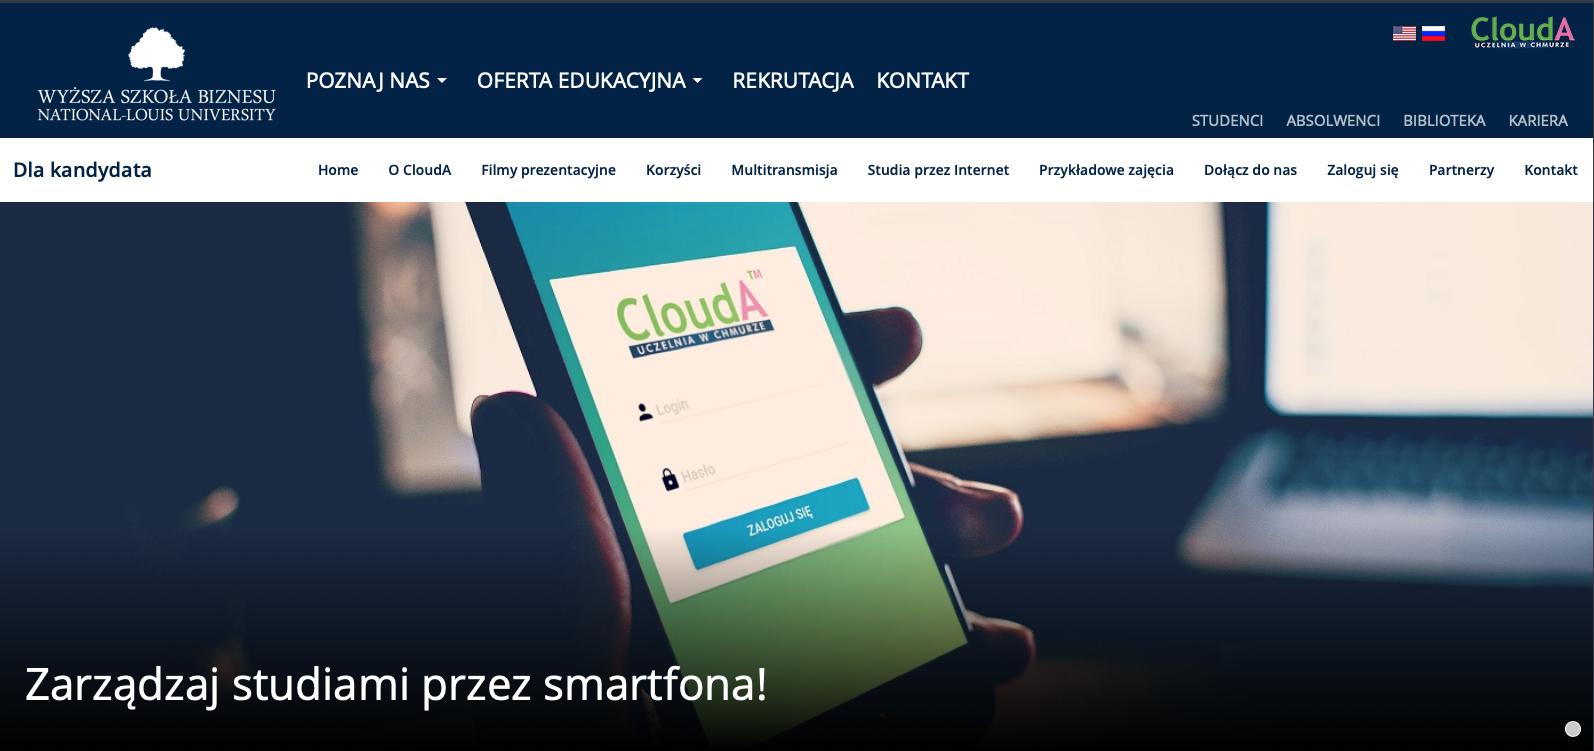 Studiowanie przez iPhone'a w WSB-NLU poprzez aplikację CloudA